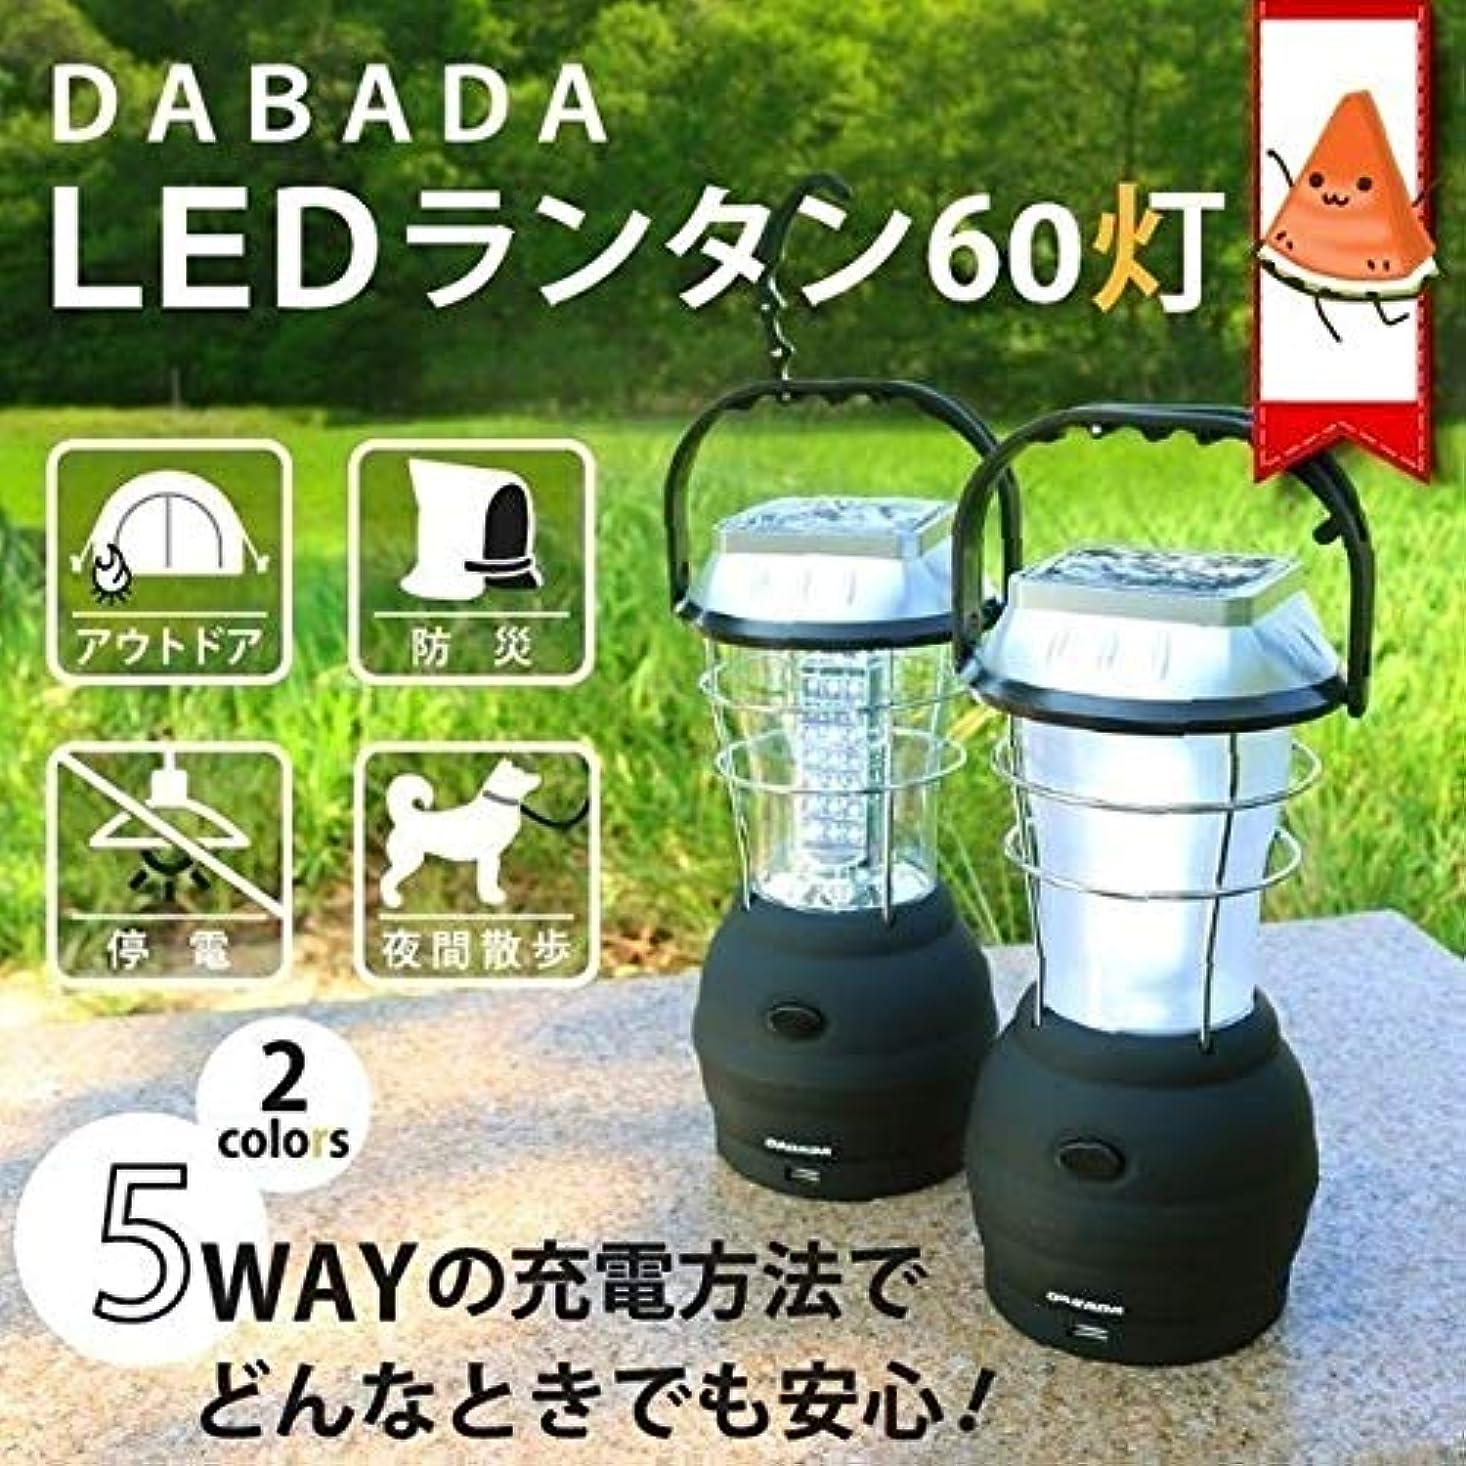 有名な石化するうがいランタン LED キャンプ 釣り 充電式 懐中電灯 防災 震災 停電 安定感 明るい 旅行用品 アウトドア